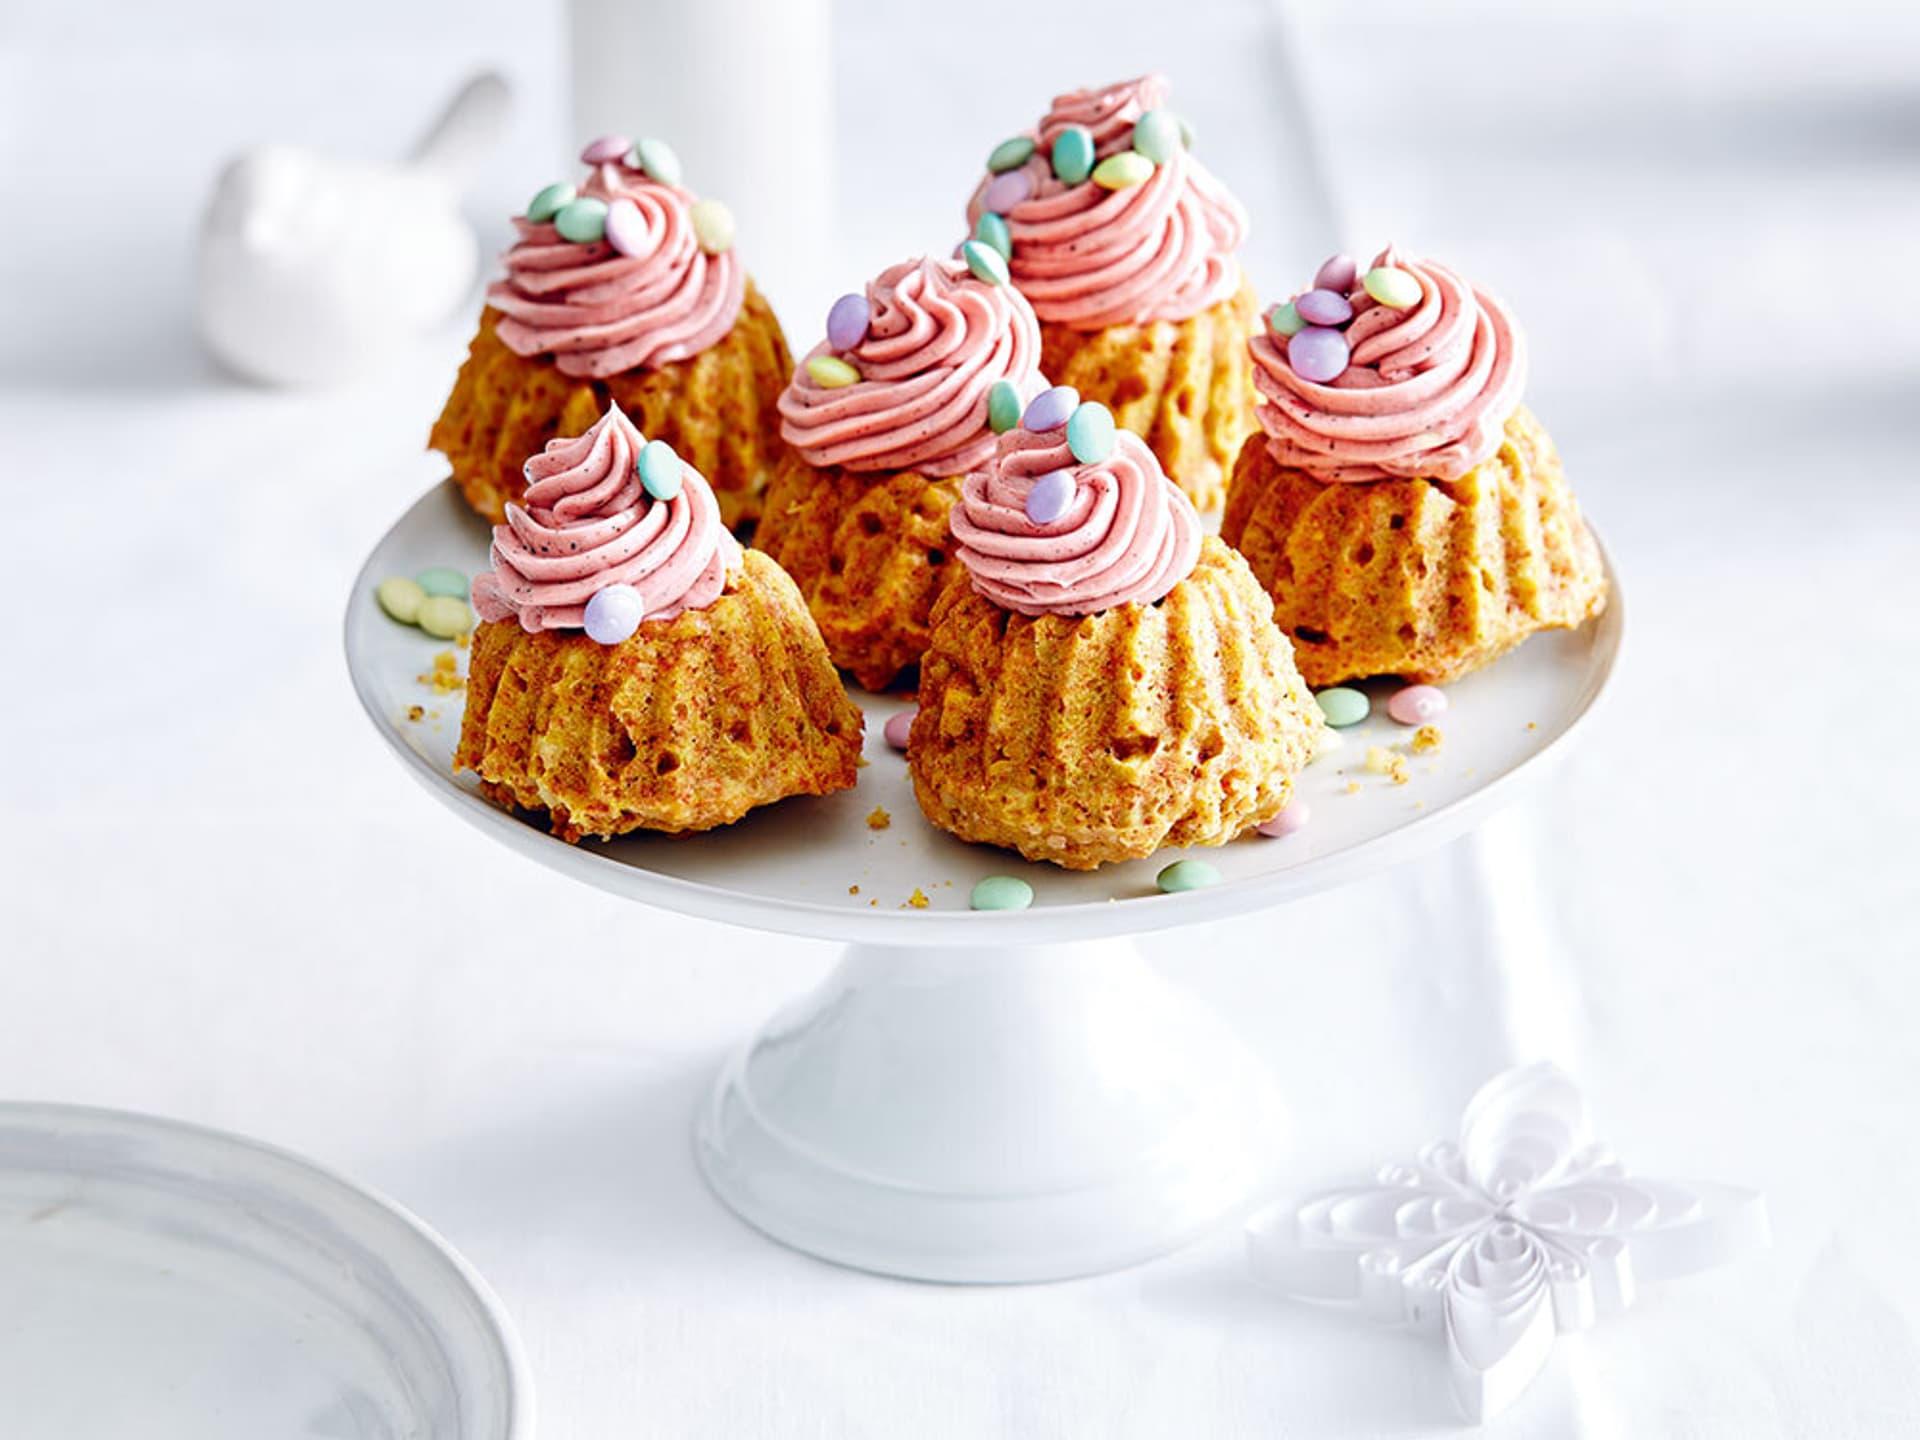 Auf einer weißen Porzellanetagere liegen sechs kleine Küchlein, verziert mit Rosa Frosting und winzigen Schokolinsen in Pastellfarben